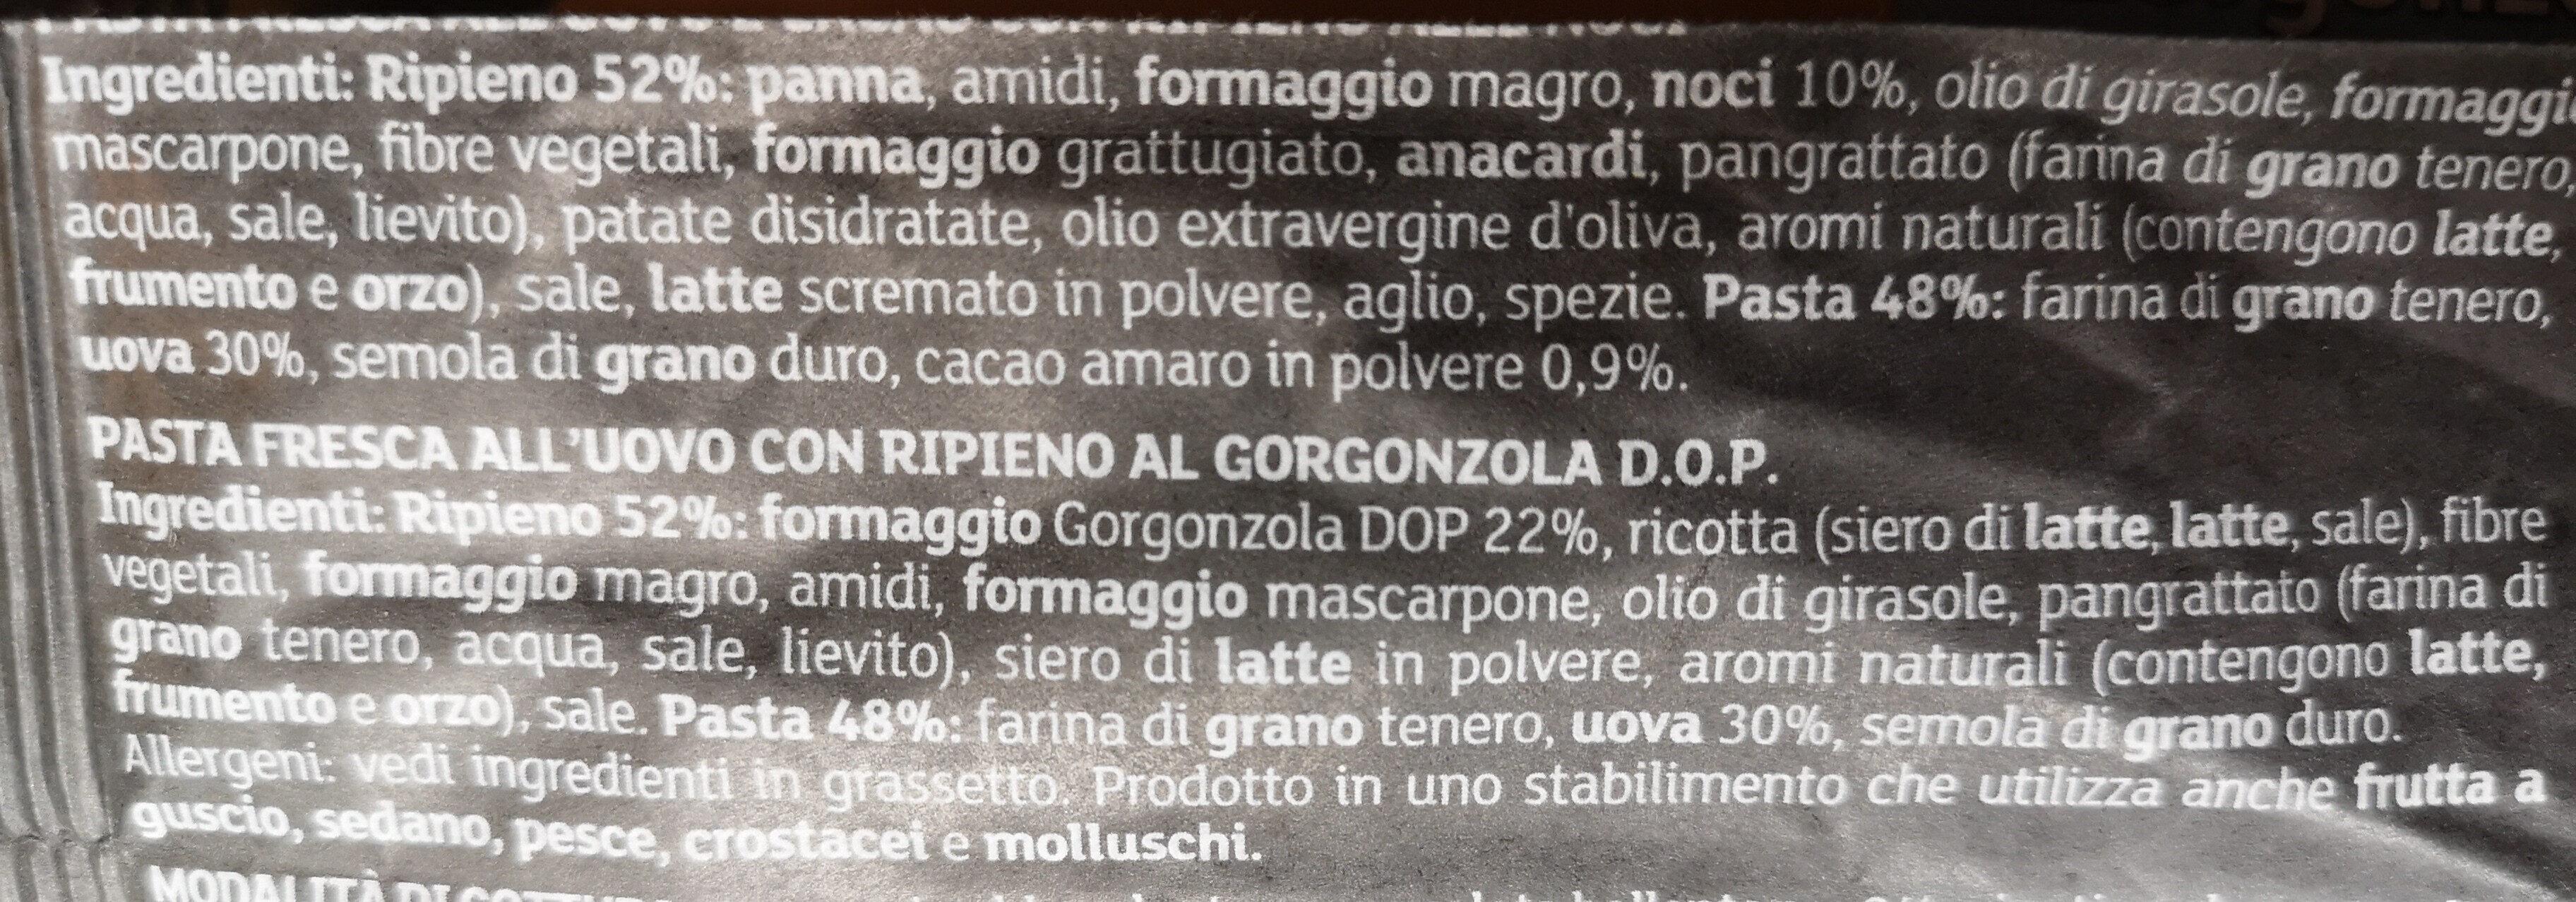 Duetto (Giovanni rana) - Ingrediënten - it